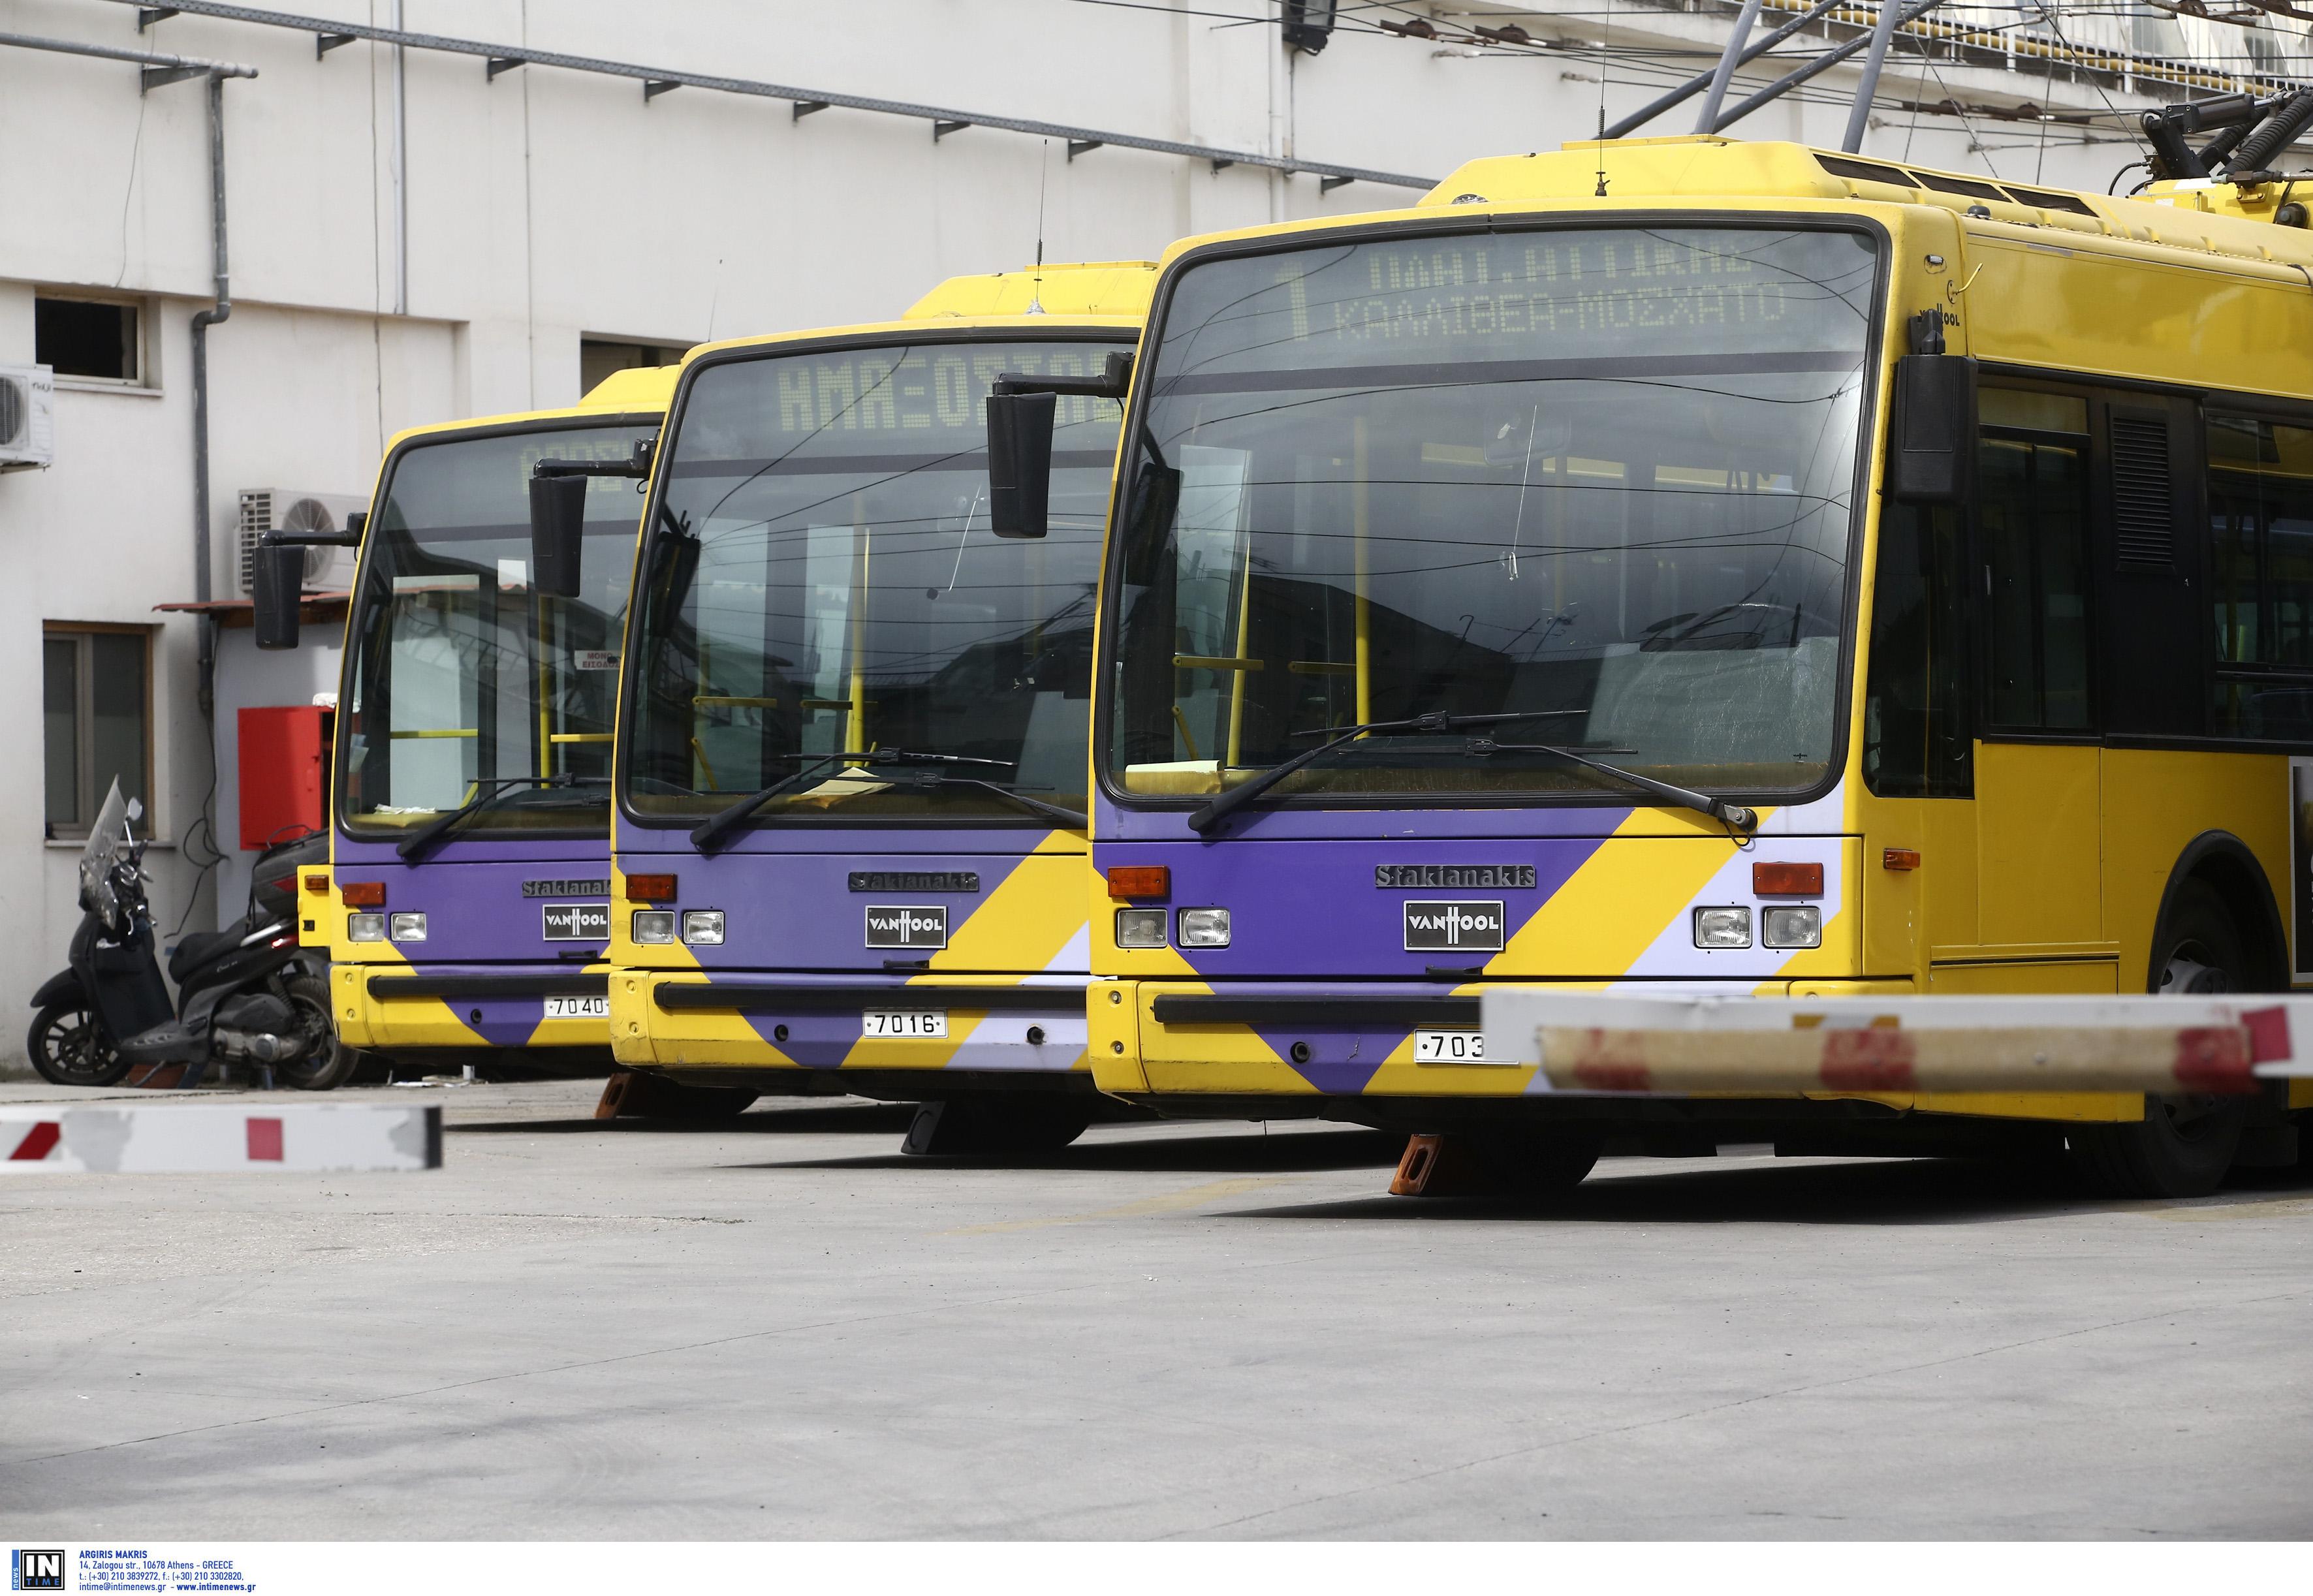 Απεργία στις 24/09 σε λεωφορεία, τρόλεϊ, ΗΣΑΠ